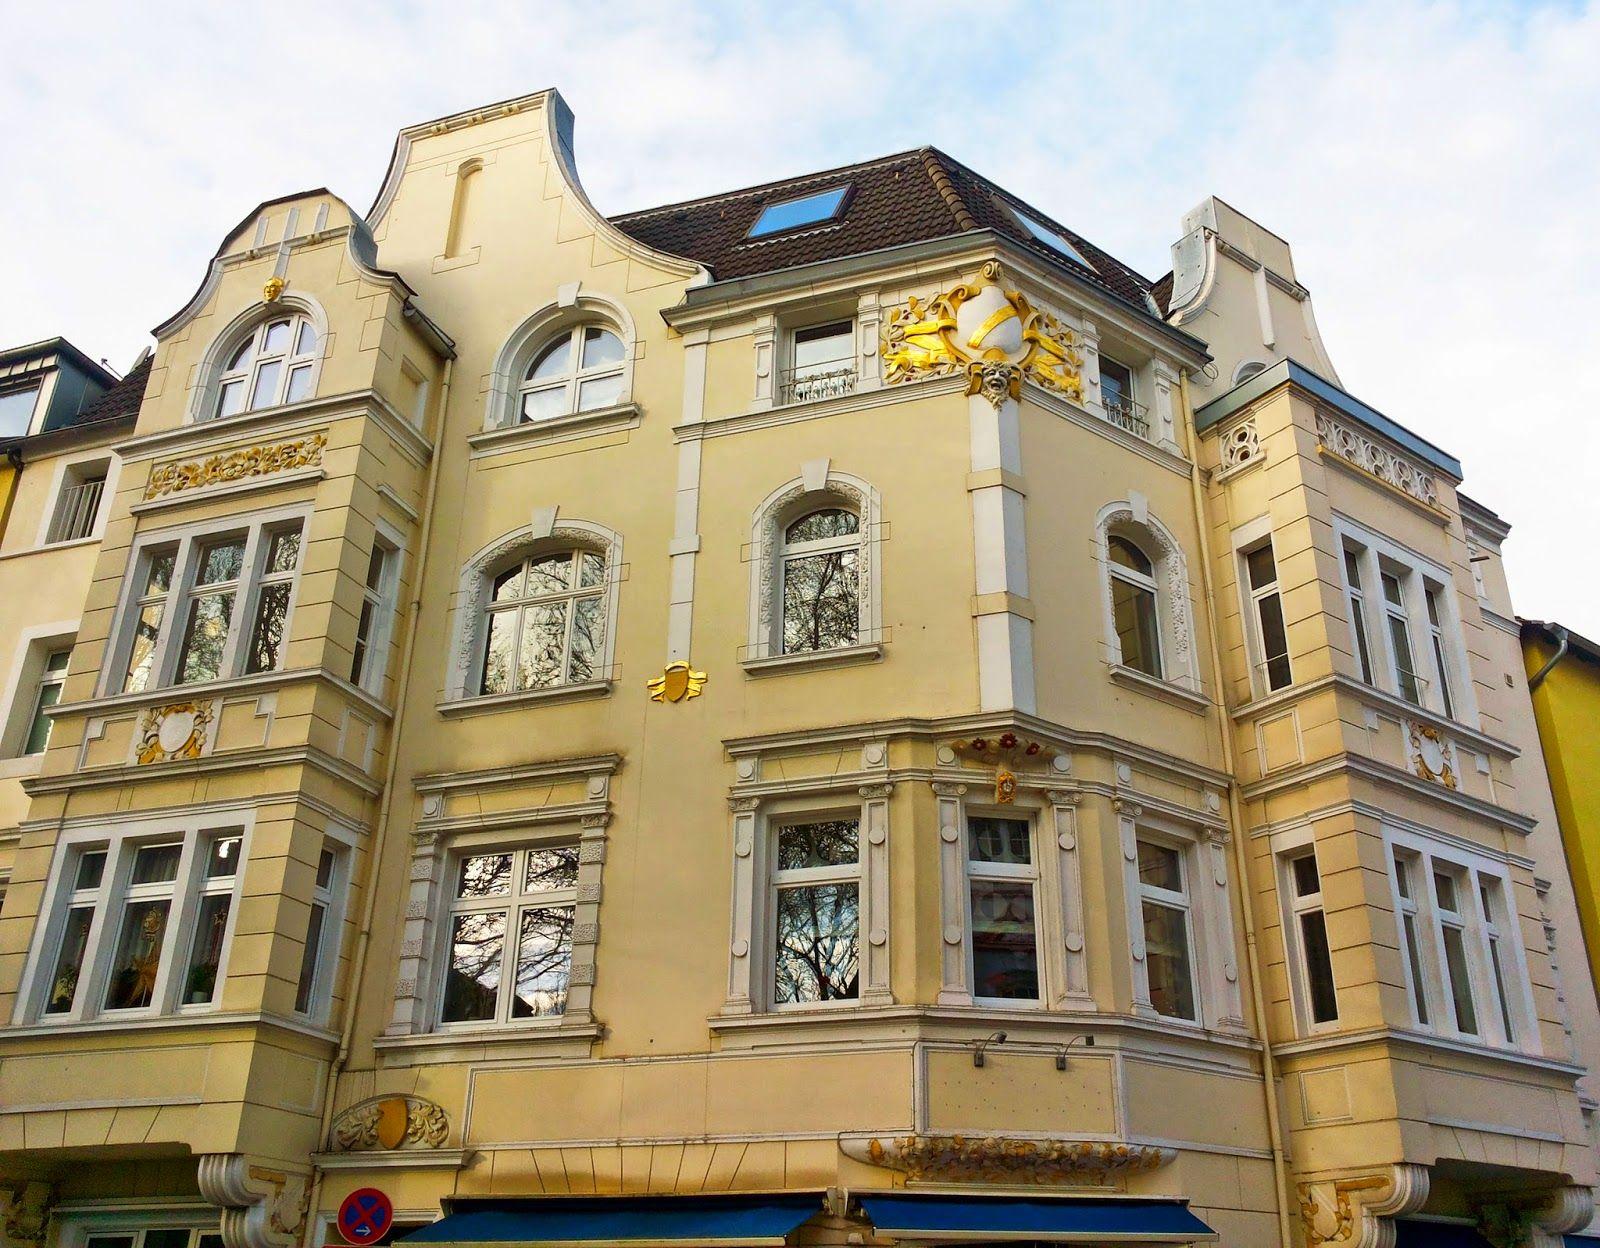 deutschlands sch nste altbauten essen jugendstil altbau gr nderzeit barock fassade. Black Bedroom Furniture Sets. Home Design Ideas